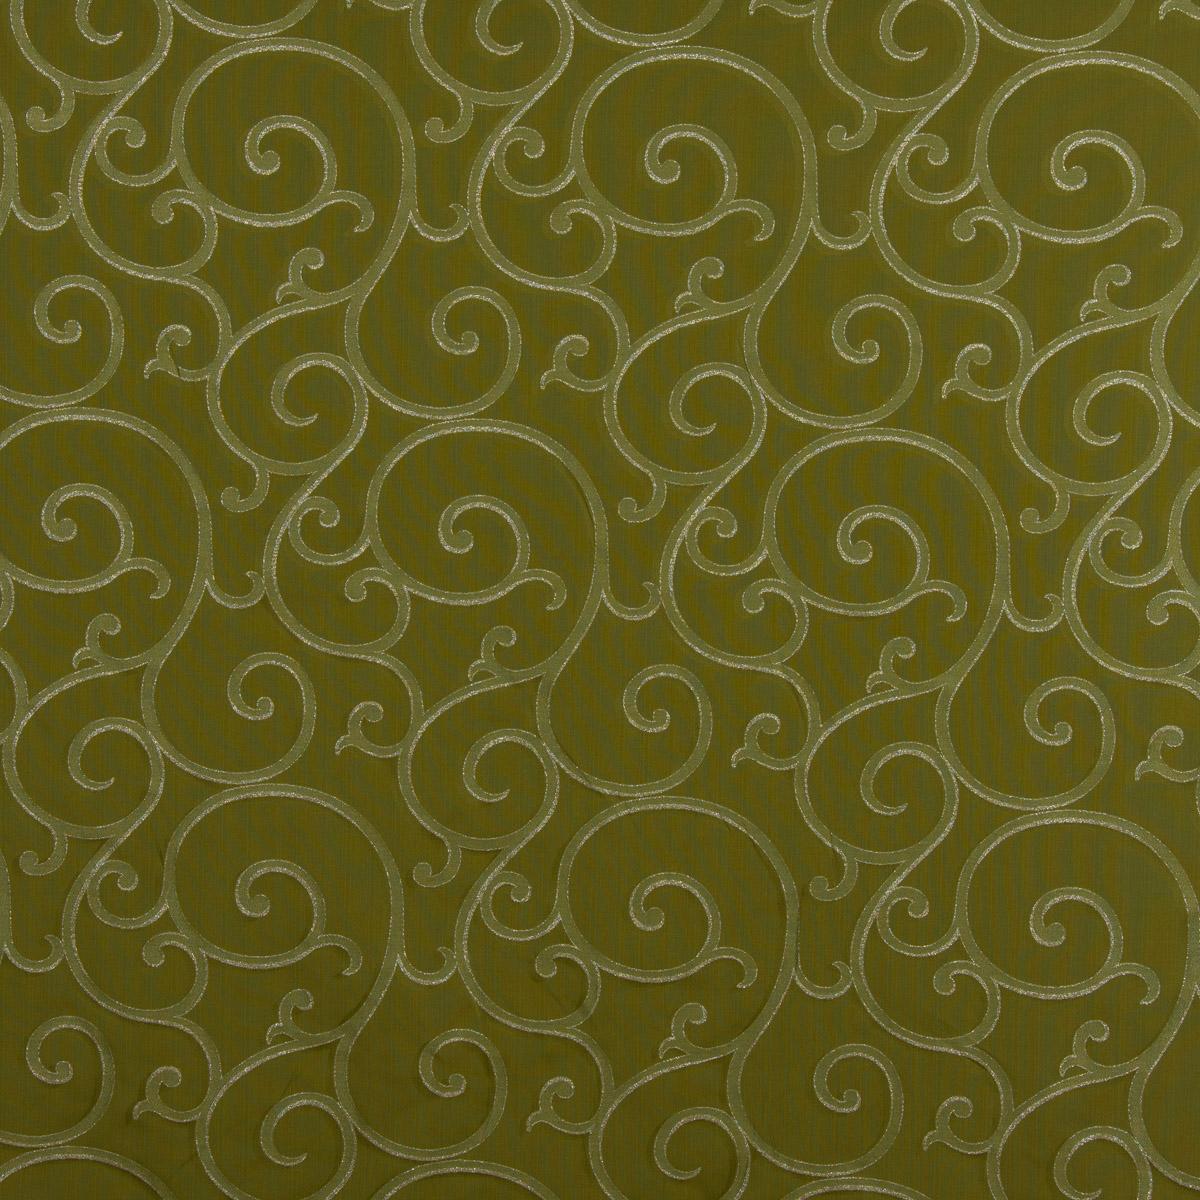 Dekostoff Weihnachten Ornamente Schnörkel Lurex grün silberfarbig 1,40m Breite